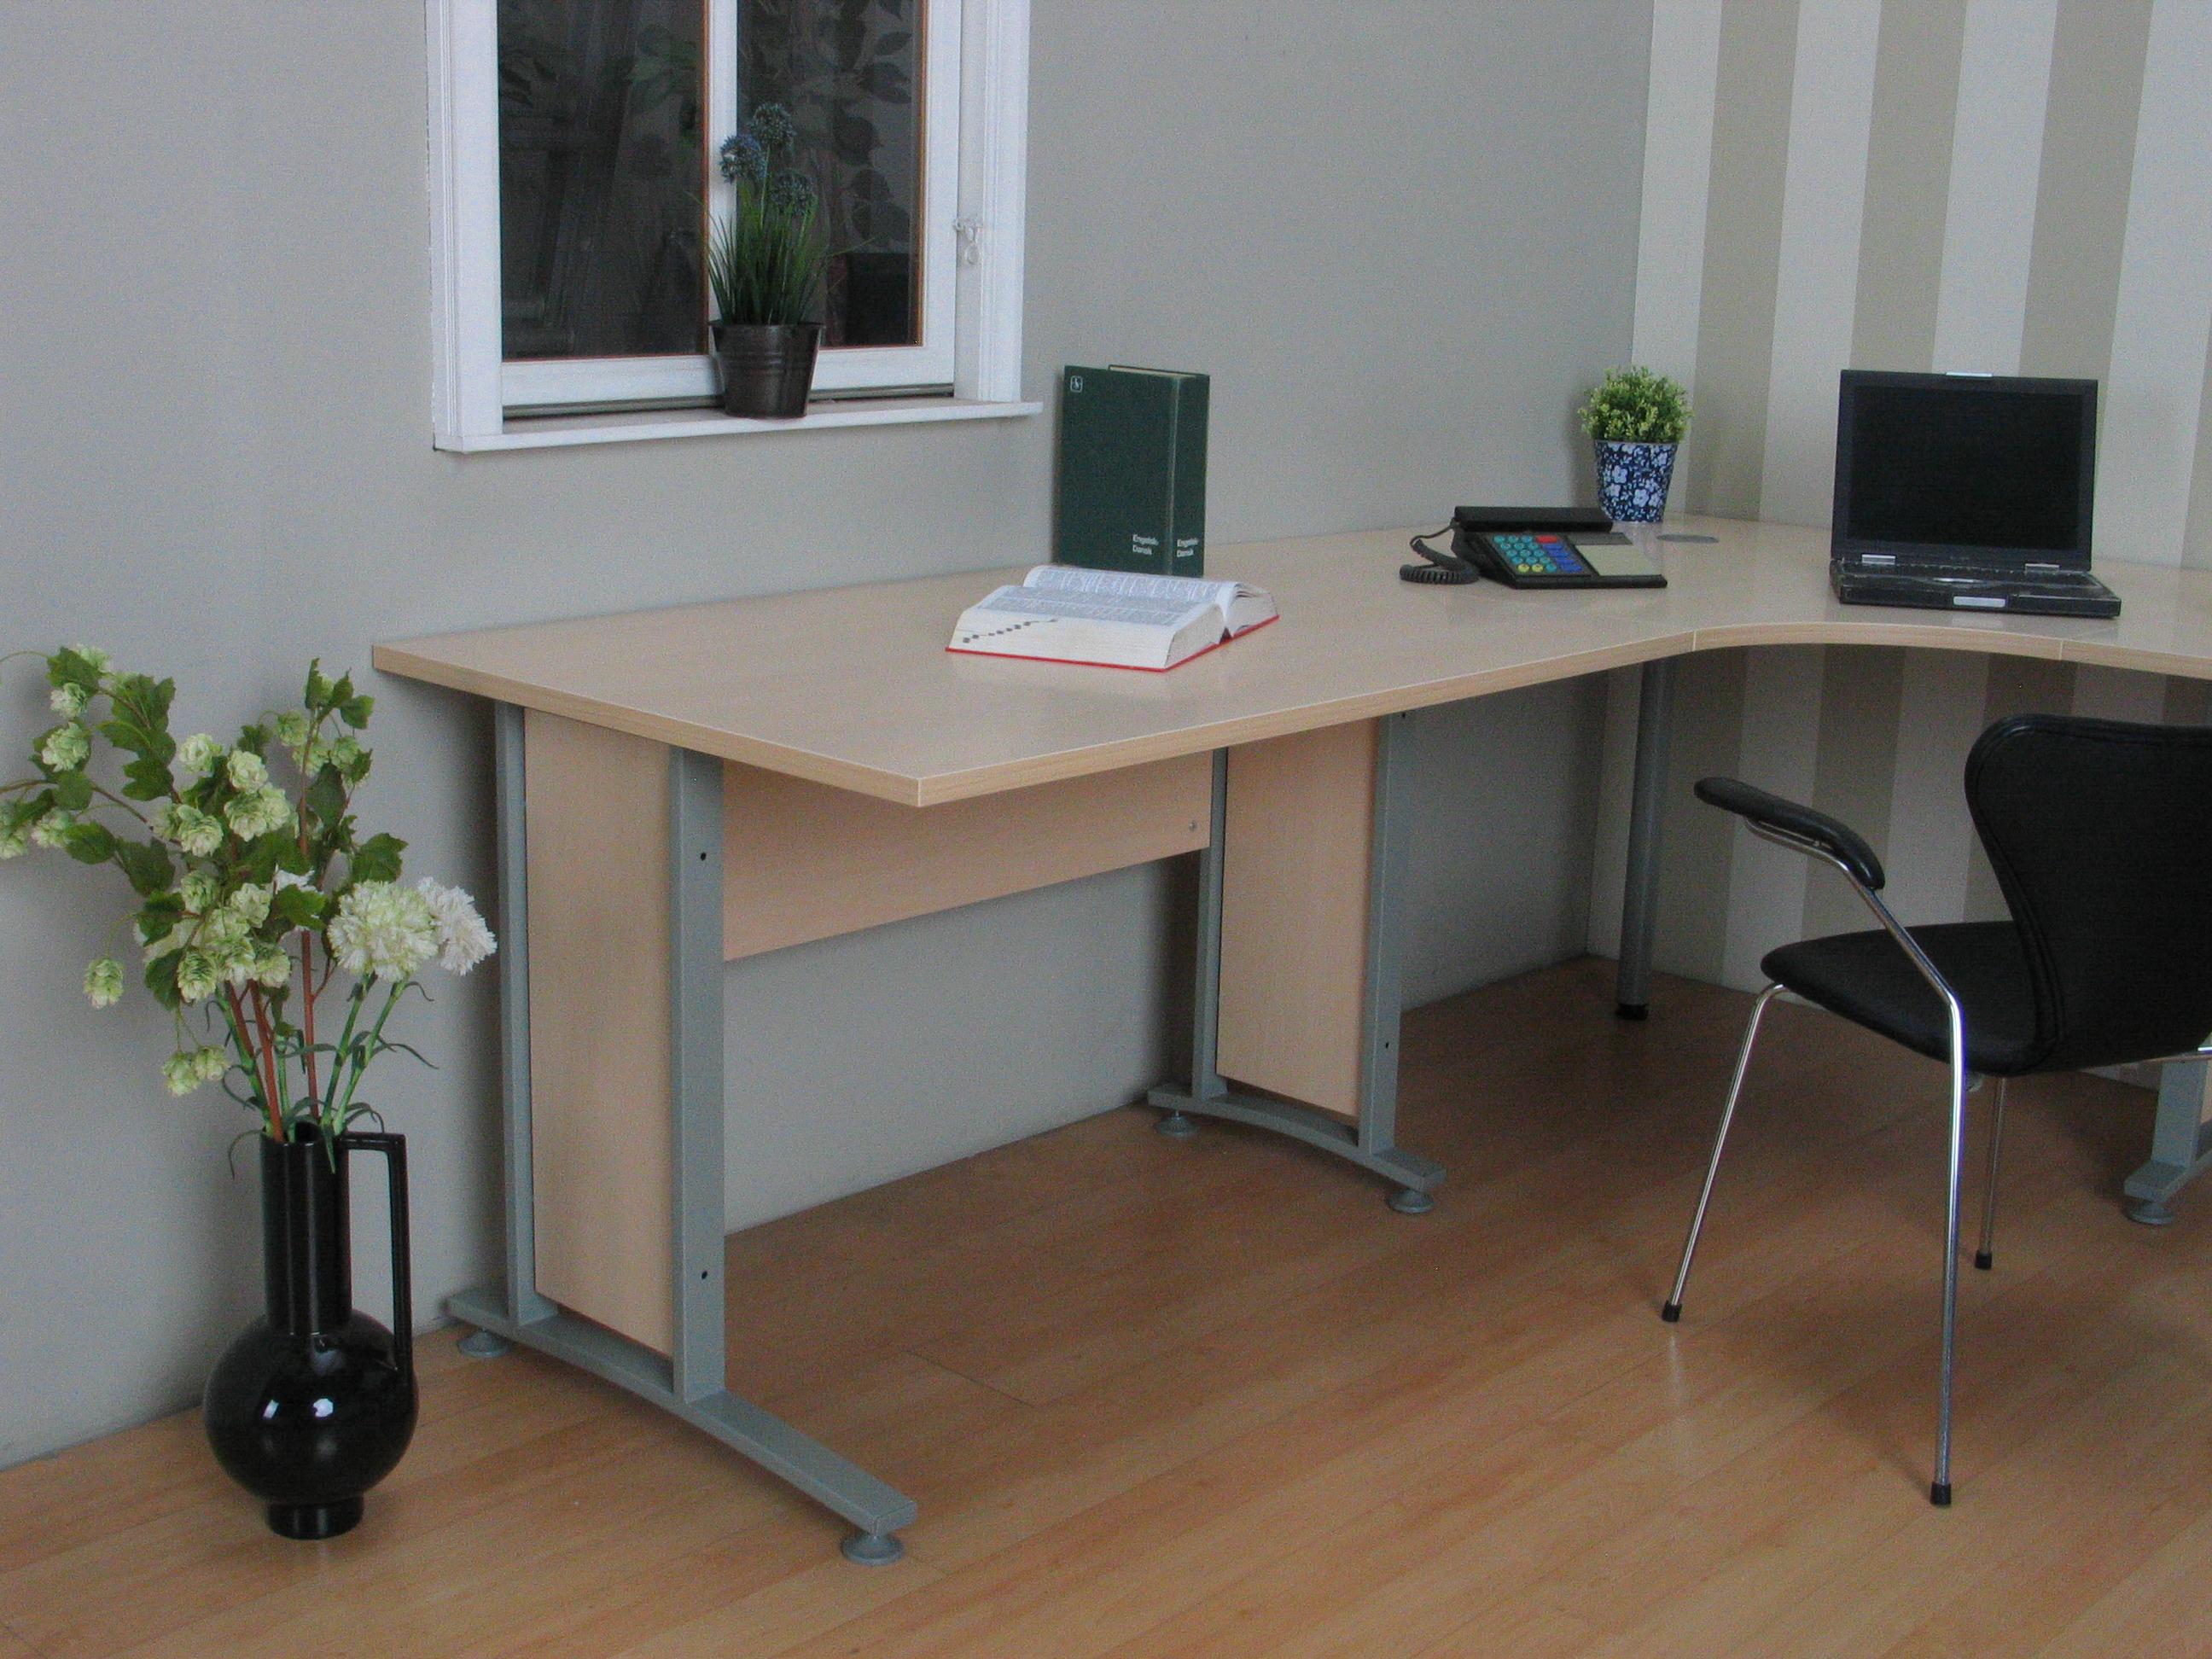 Eckschreibtisch prima schreibtisch computertisch tisch for Eckschreibtisch ahorn